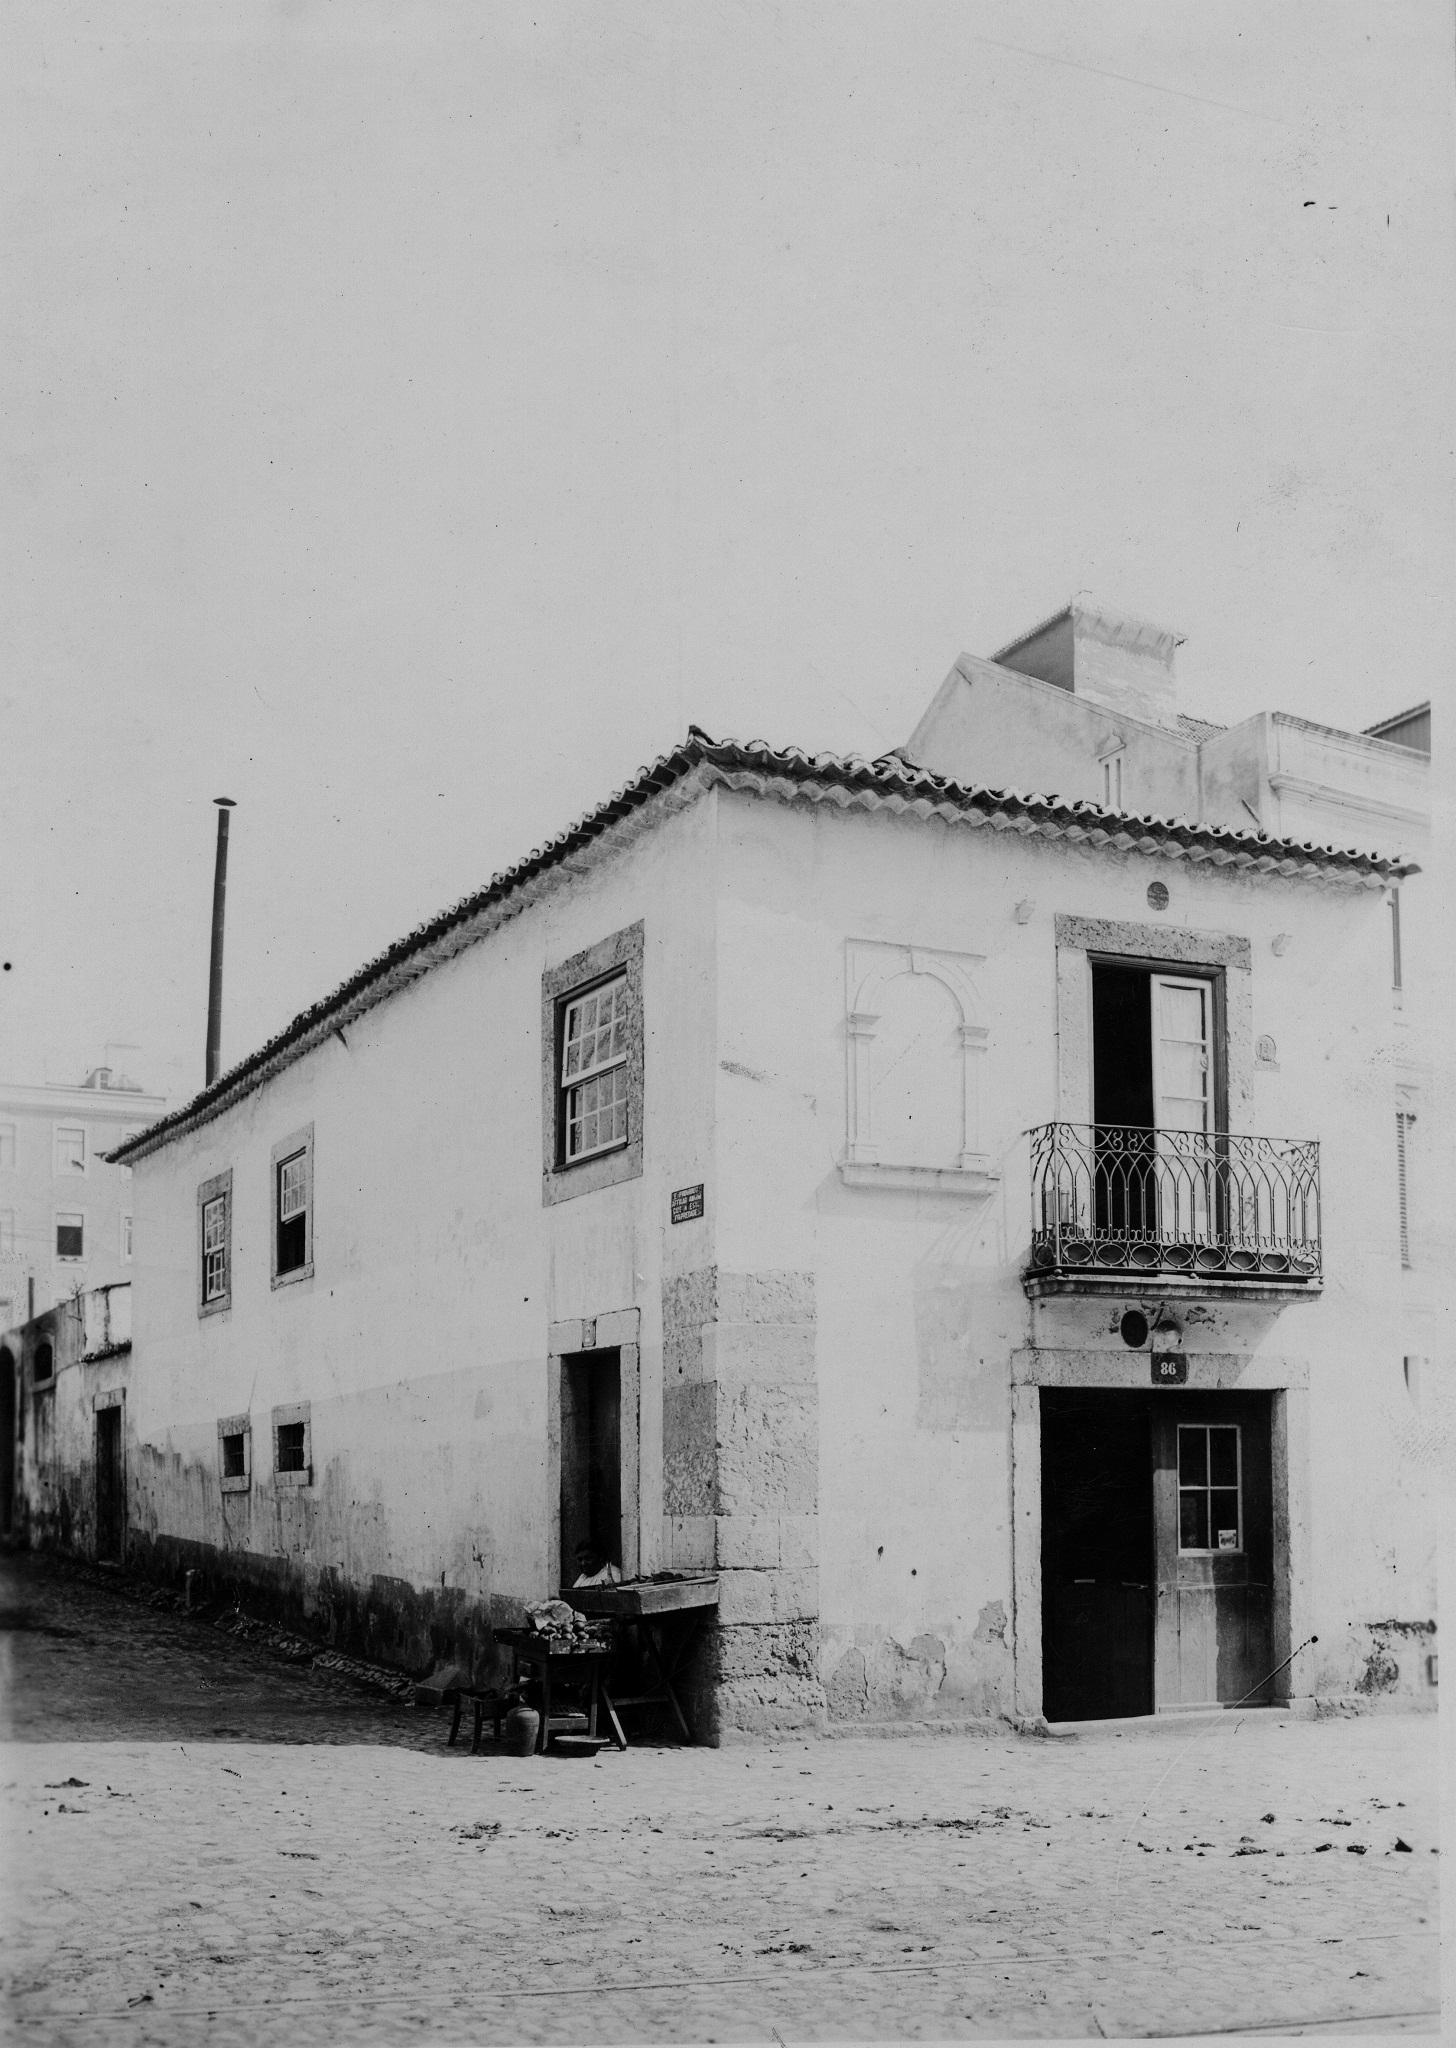 Nicho da imagem, Rua de Arroios, 86 (A.P.C.M.L., c. 1900; A1300